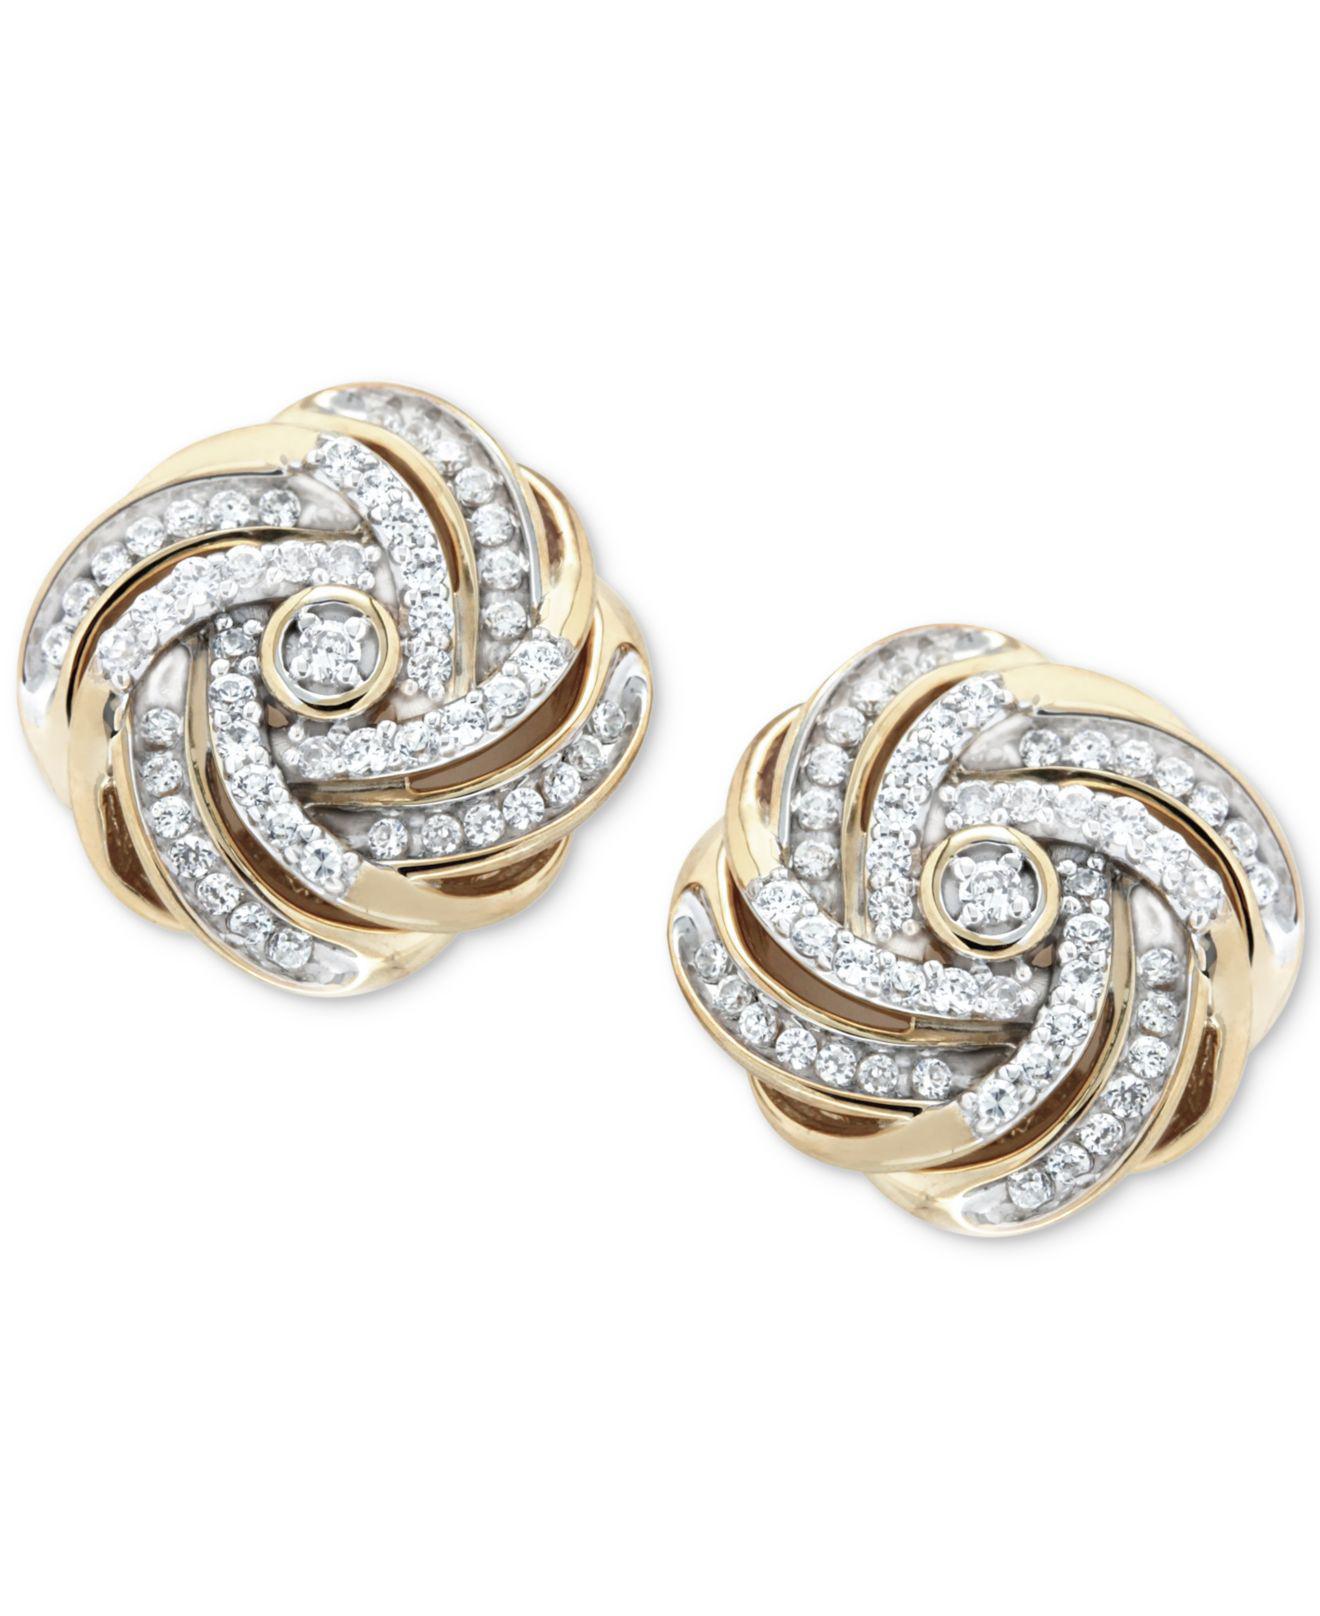 953f9e6c71e Lyst - Macy s Diamond Love Knot Stud Earrings (1 2 Ct. T.w.) In 14k ...